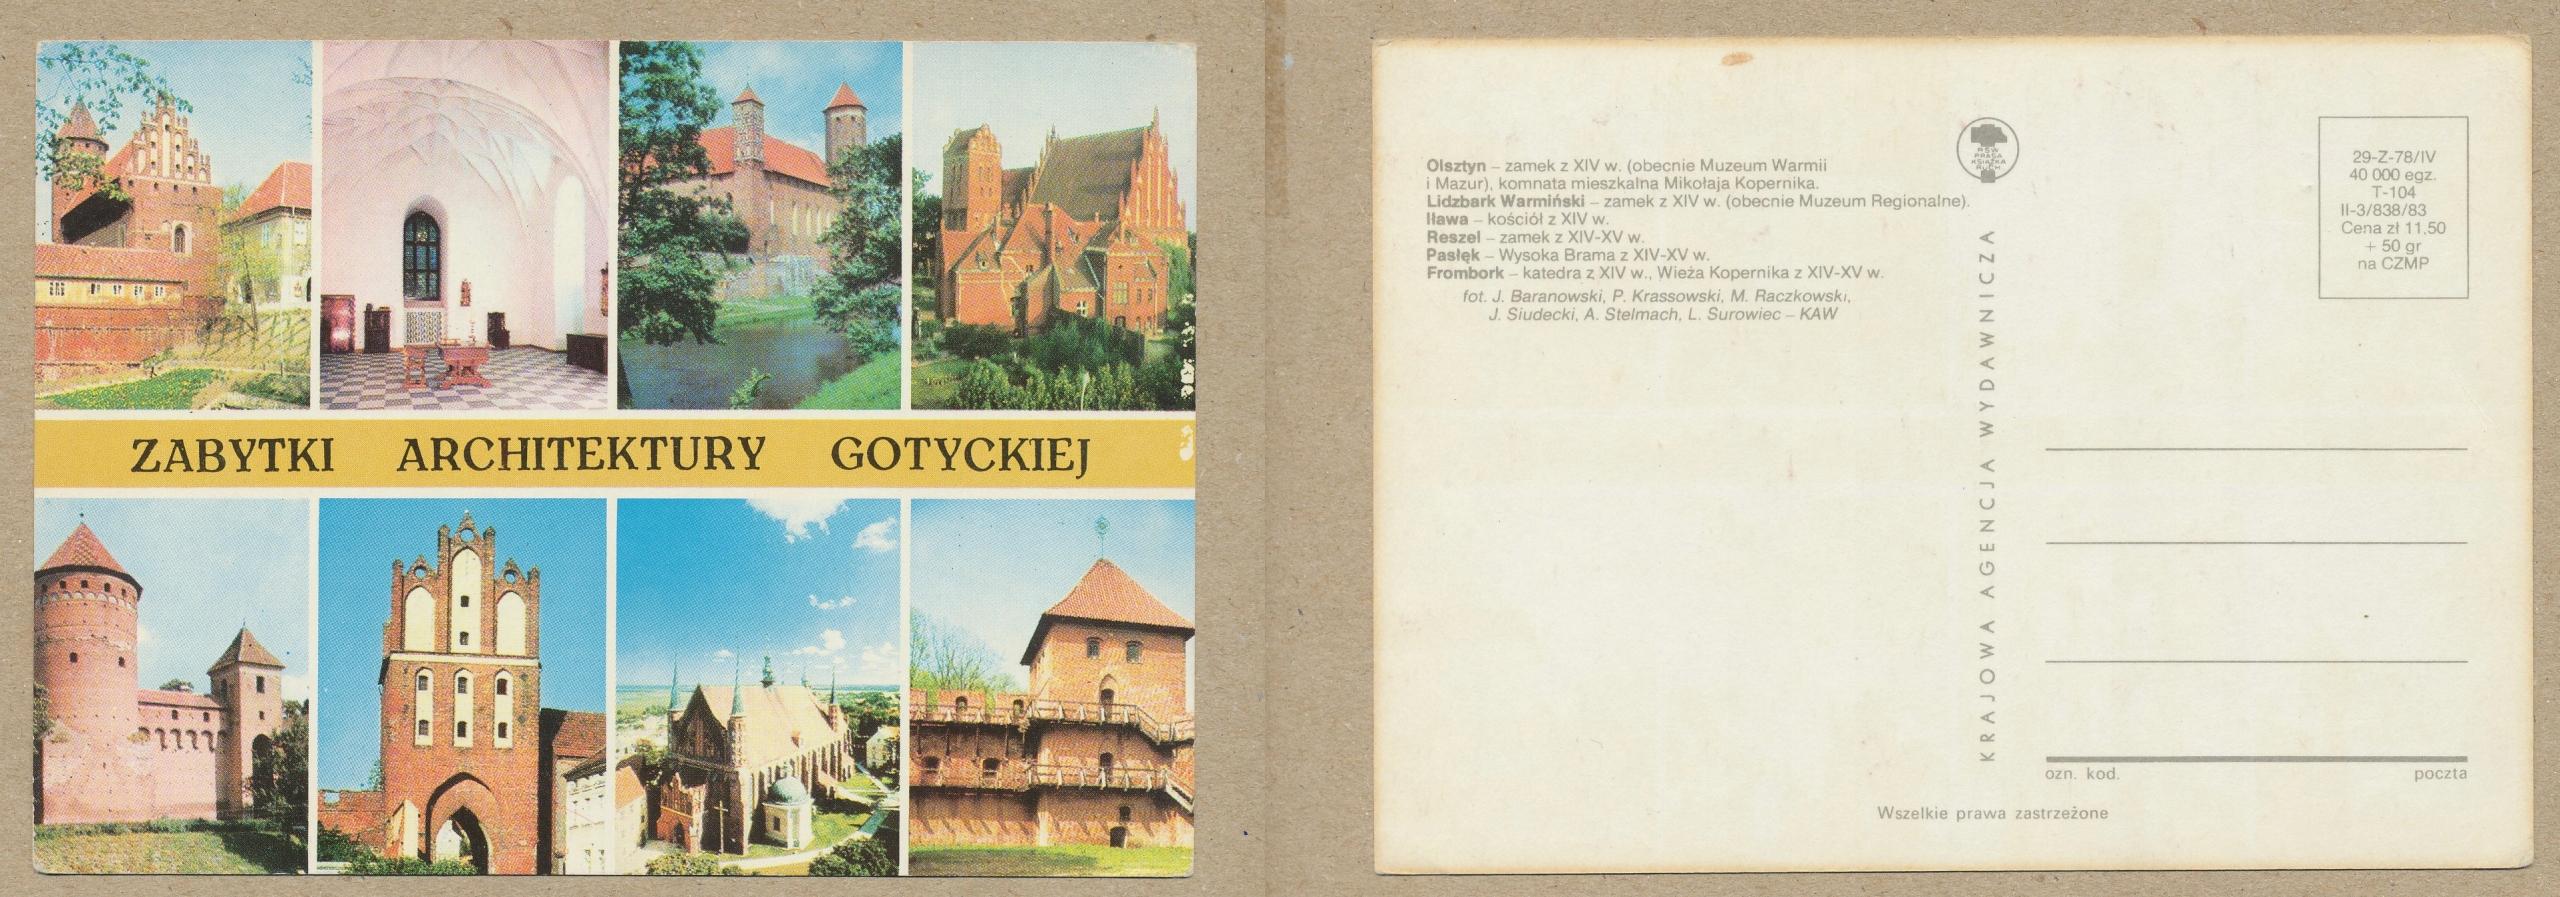 ZABYTKI ARCHITEKTURY GOTYCKIEJ OLSZTYN 1983 r.